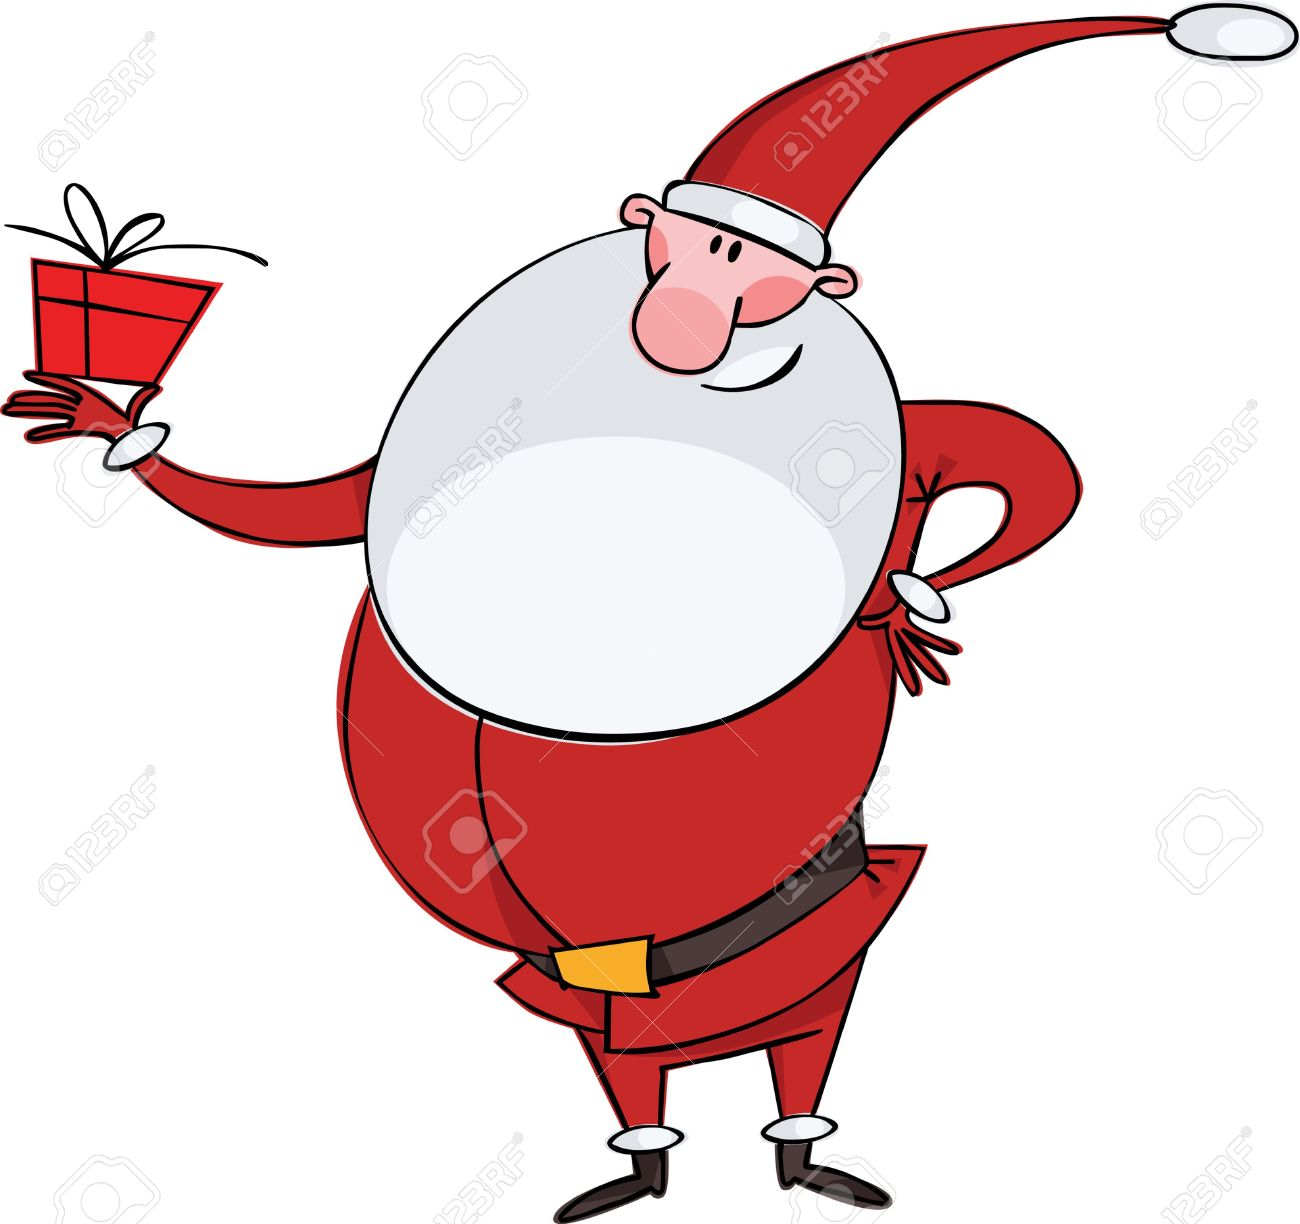 Santa With A Big Beard And A Gift Royalty Free Cliparts, Vectors.